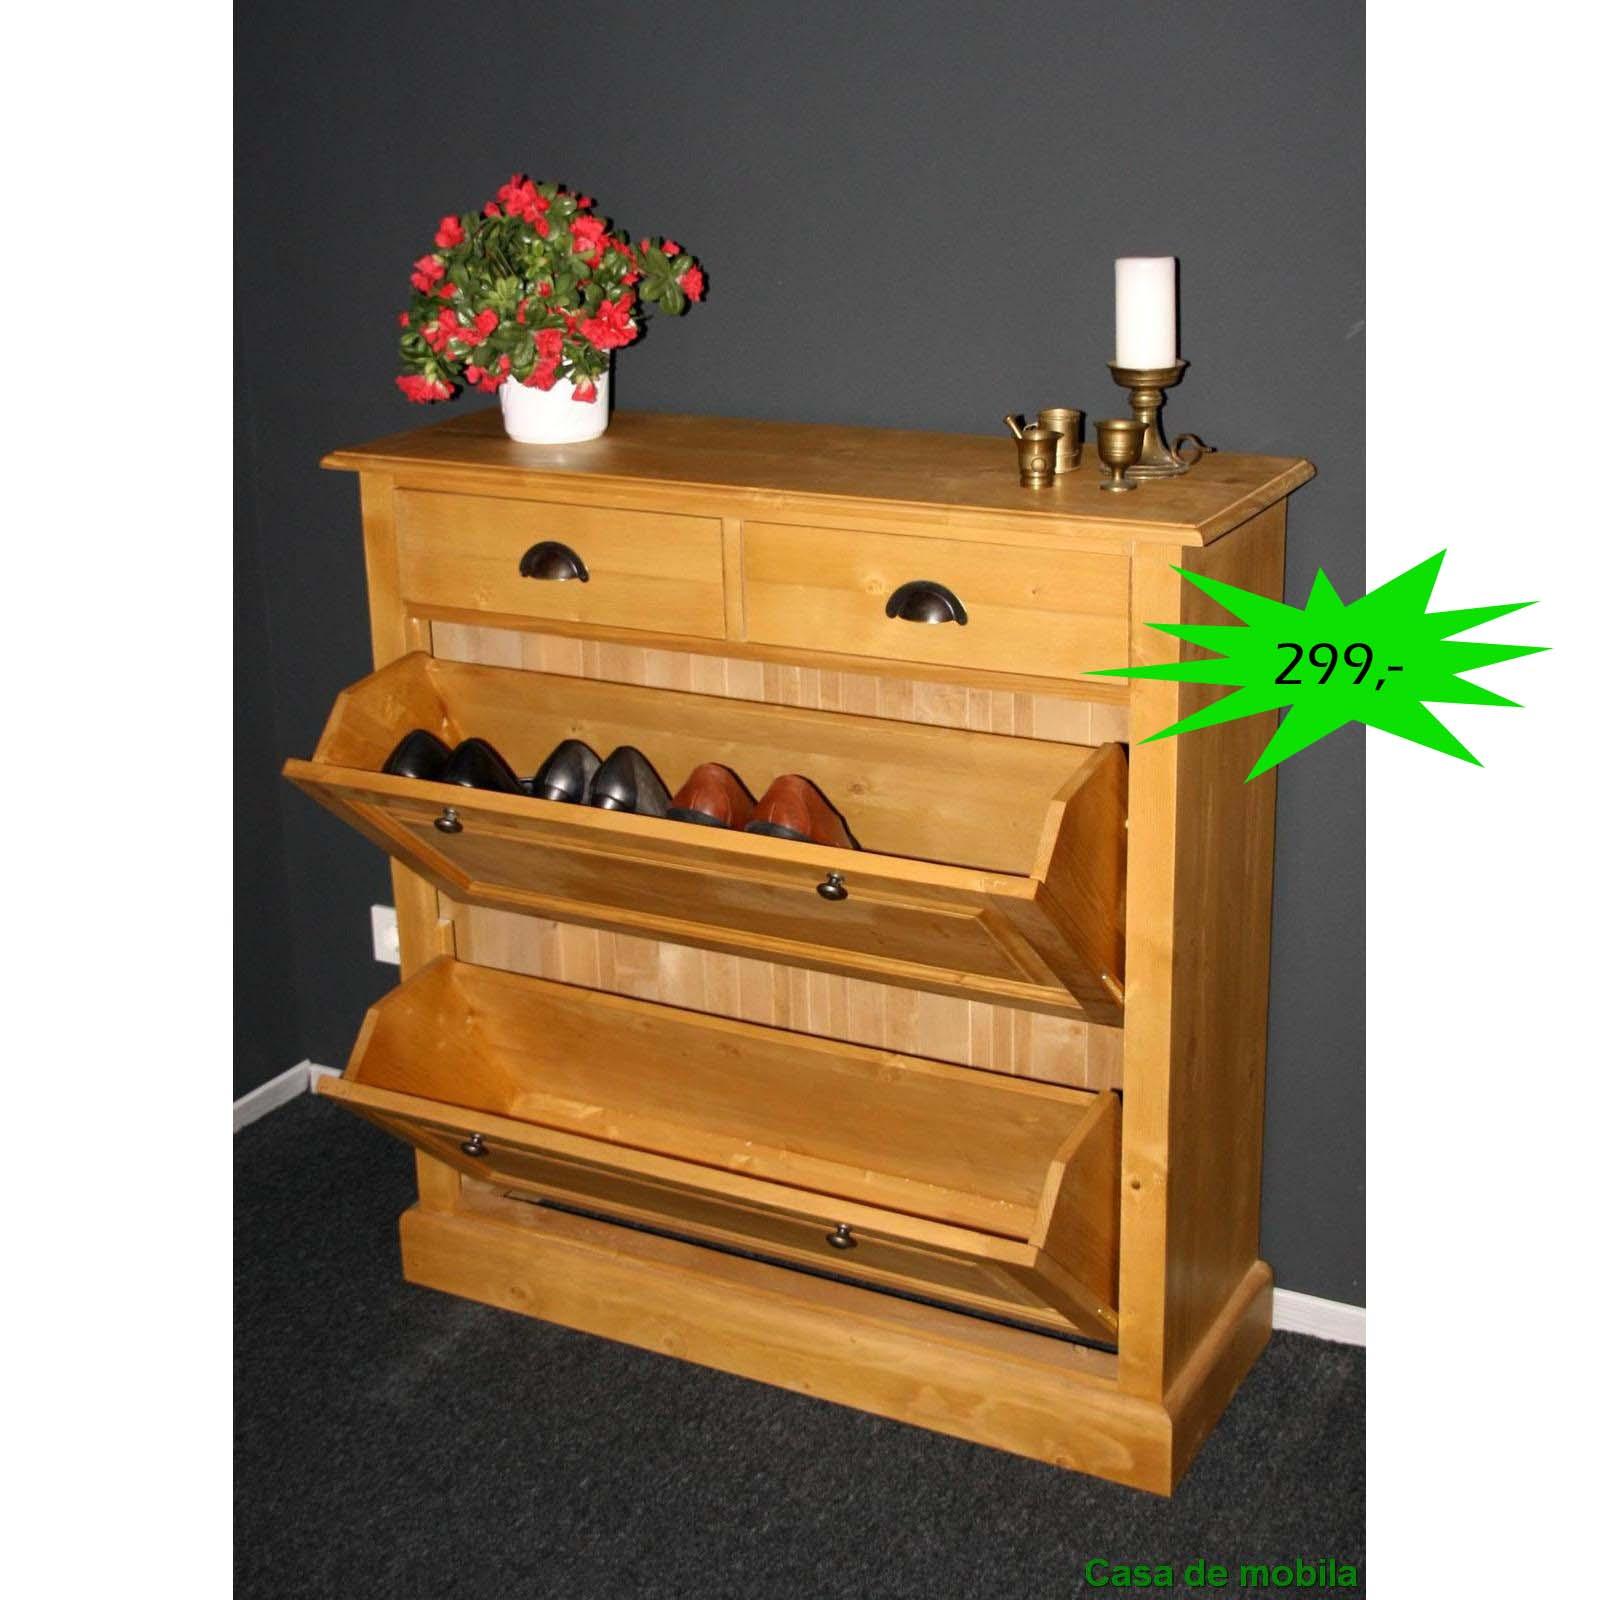 massivholz schuhschrank fichte massiv antik ps358 p002 massivholz m bel in goslar massivholz. Black Bedroom Furniture Sets. Home Design Ideas